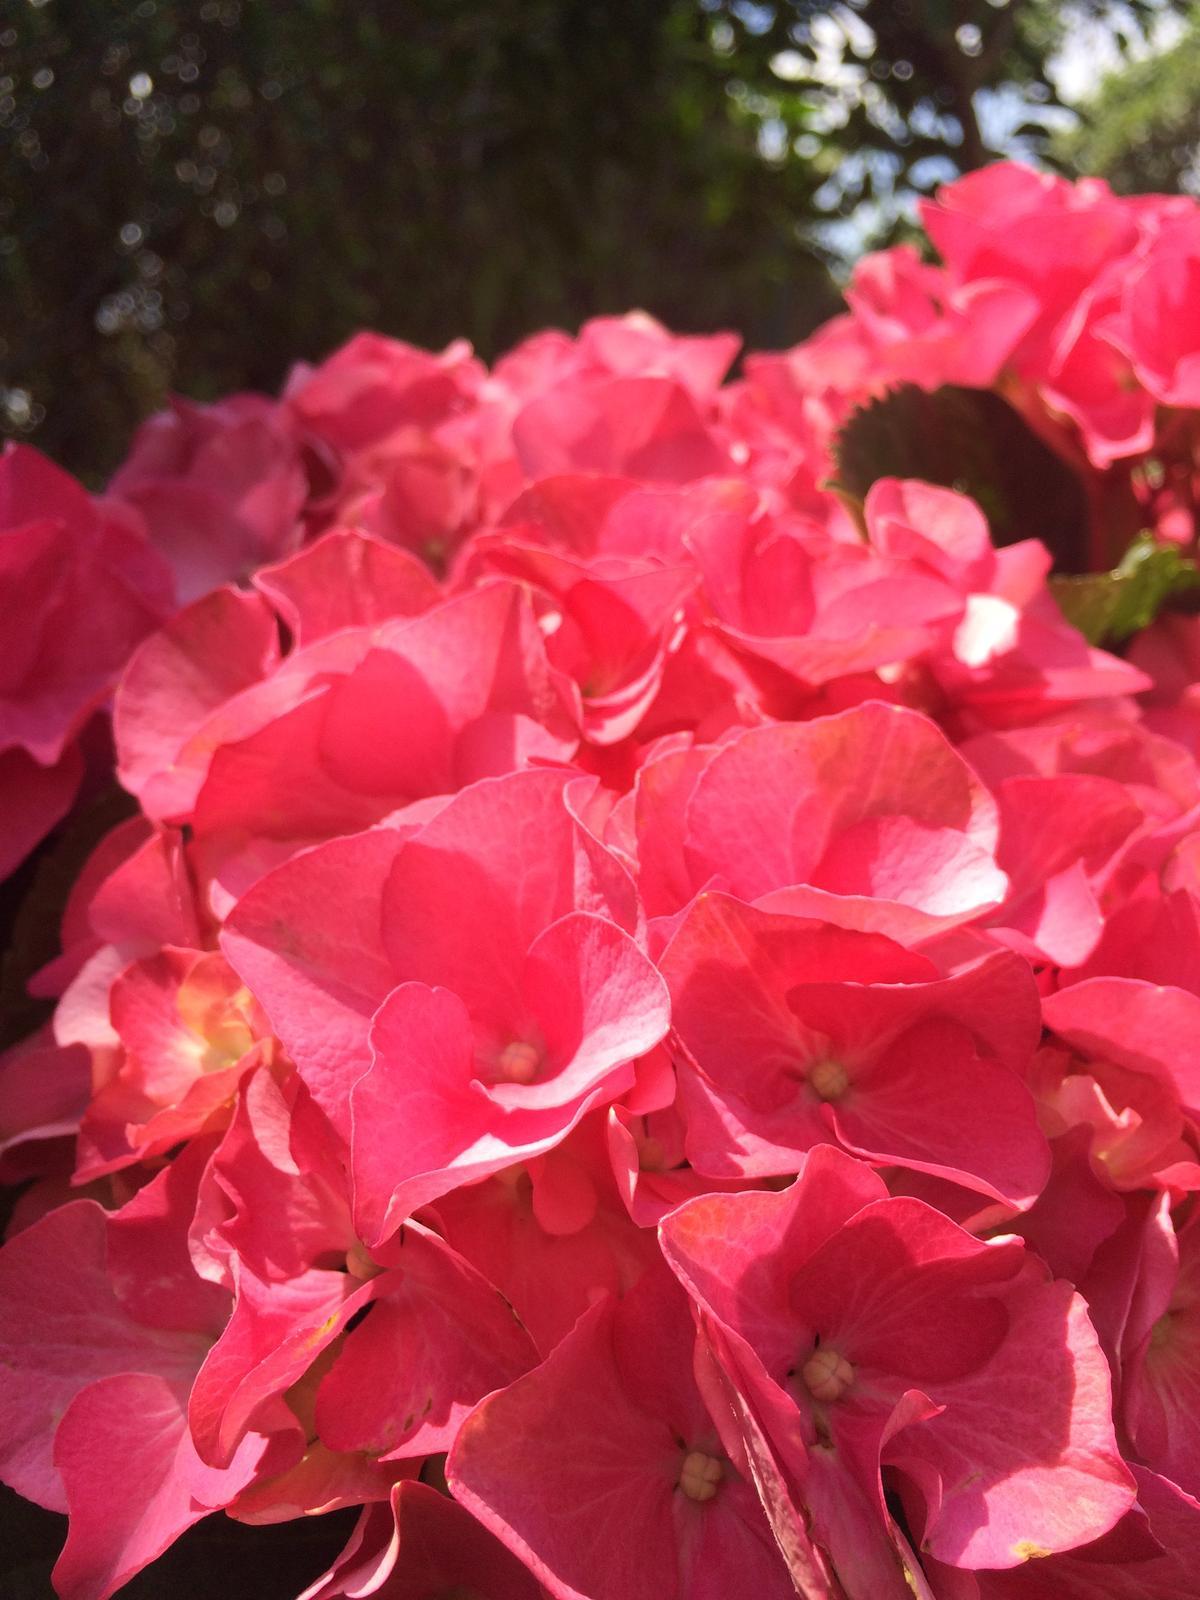 Dekorace z květin Pro radost - chtěla bych vyzkoušet fígl na prodloužení života květu hortenzie ve vaze